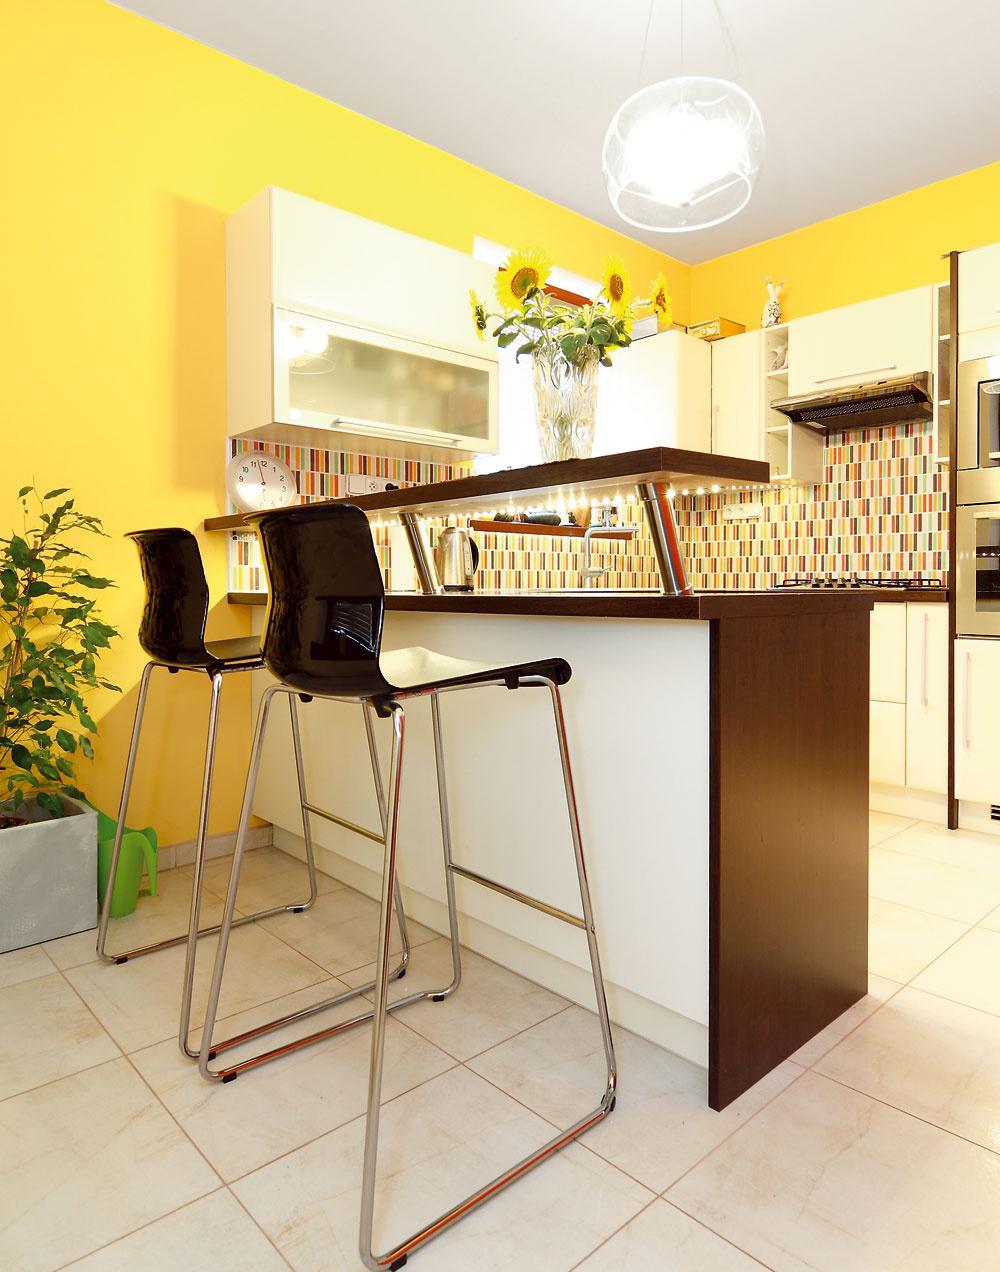 Keďže Peter býva vdome zatiaľ sám, využíva len miestnosti na prízemí. Architektka Anna Zimová navrhla na základe jeho požiadaviek zariadenie obývačky, jedálne aspálne.